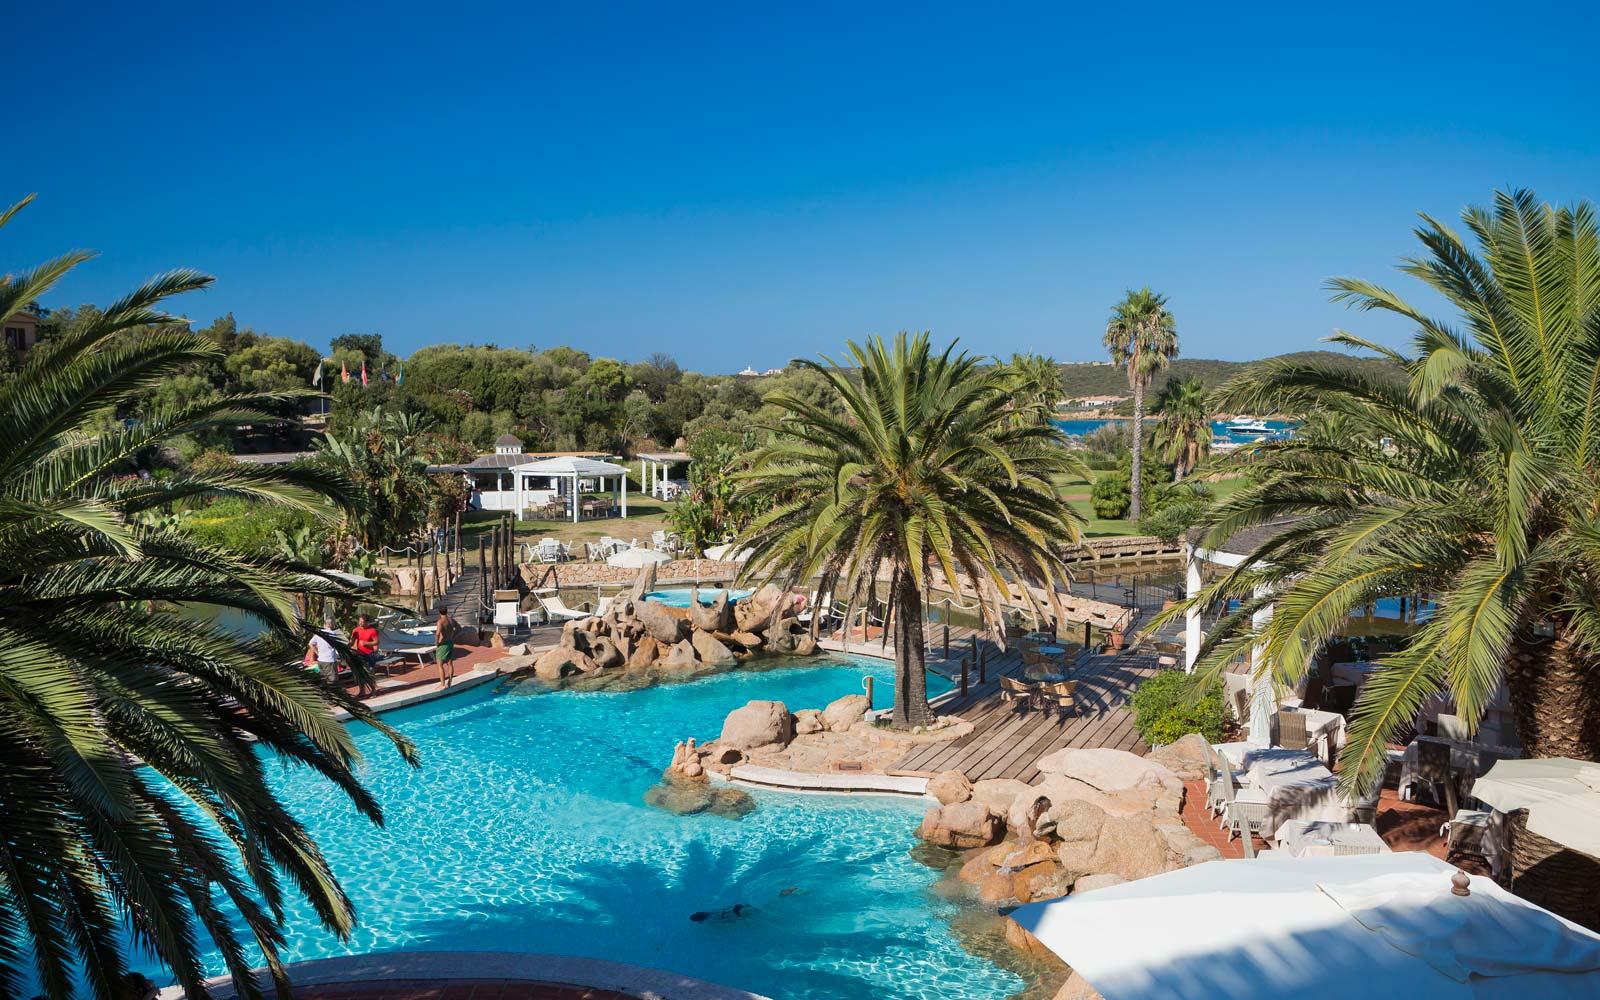 Pool at Le Palme